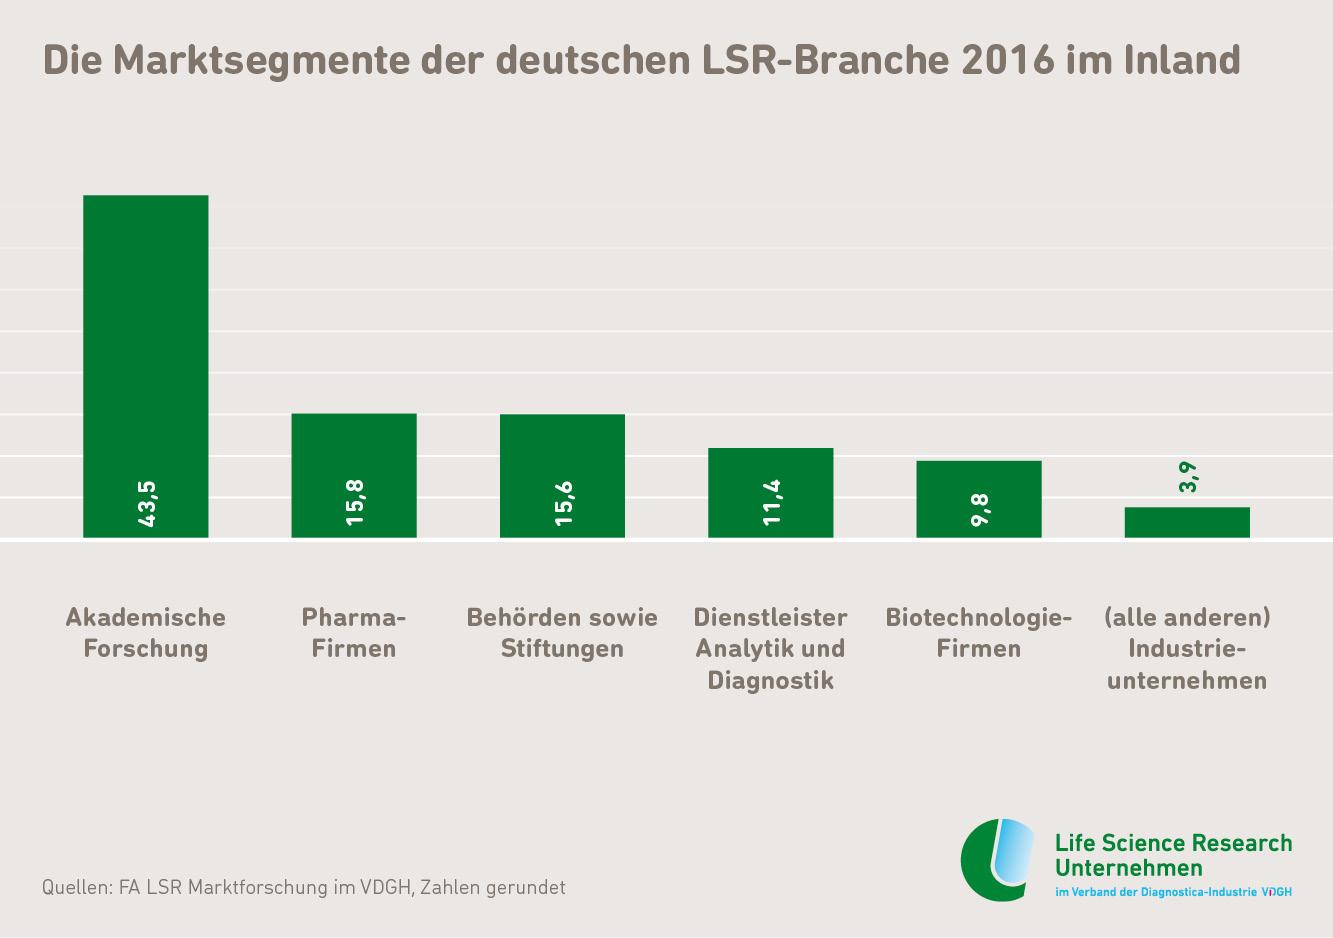 LSR_Marktsegemente_2016_inland